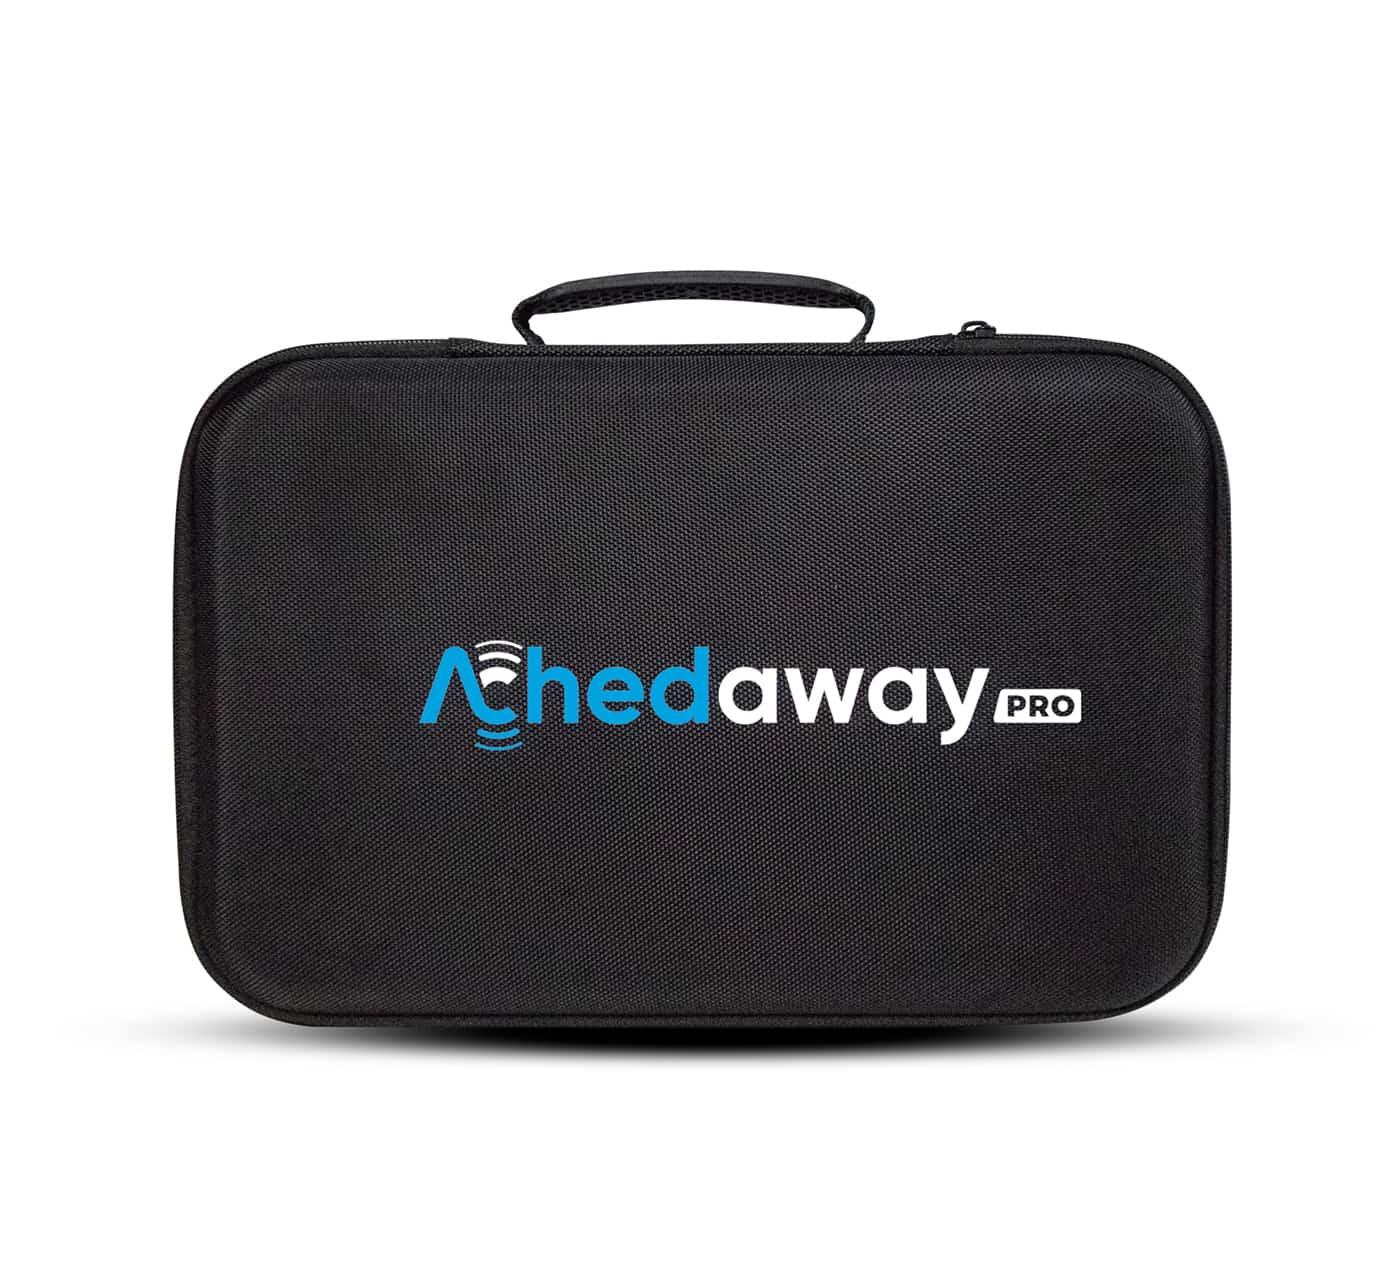 Achedaway Pro case view